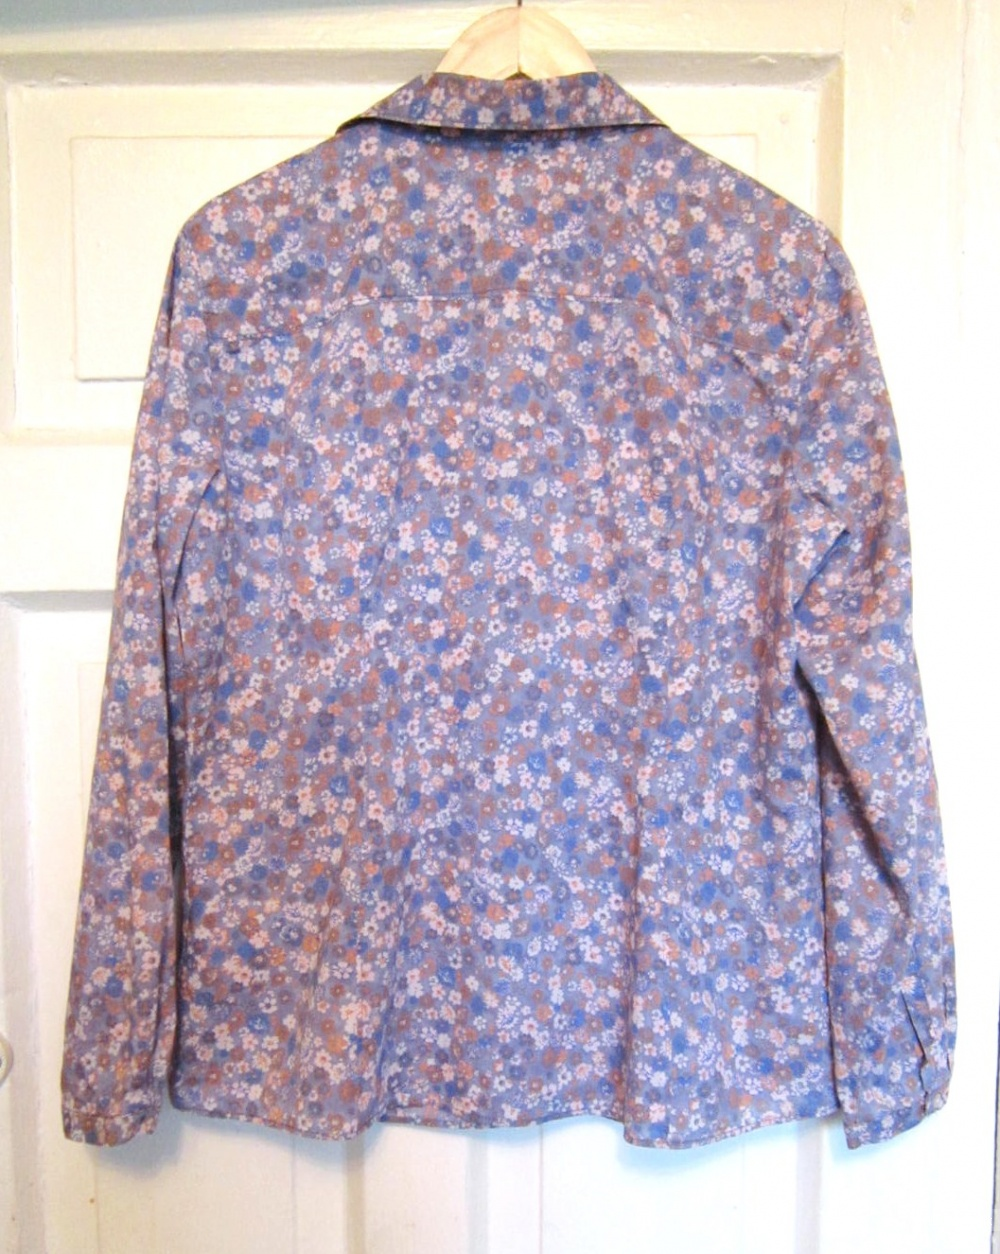 Блуза/ рубашка, Esprit, 48/50 размер, XL.